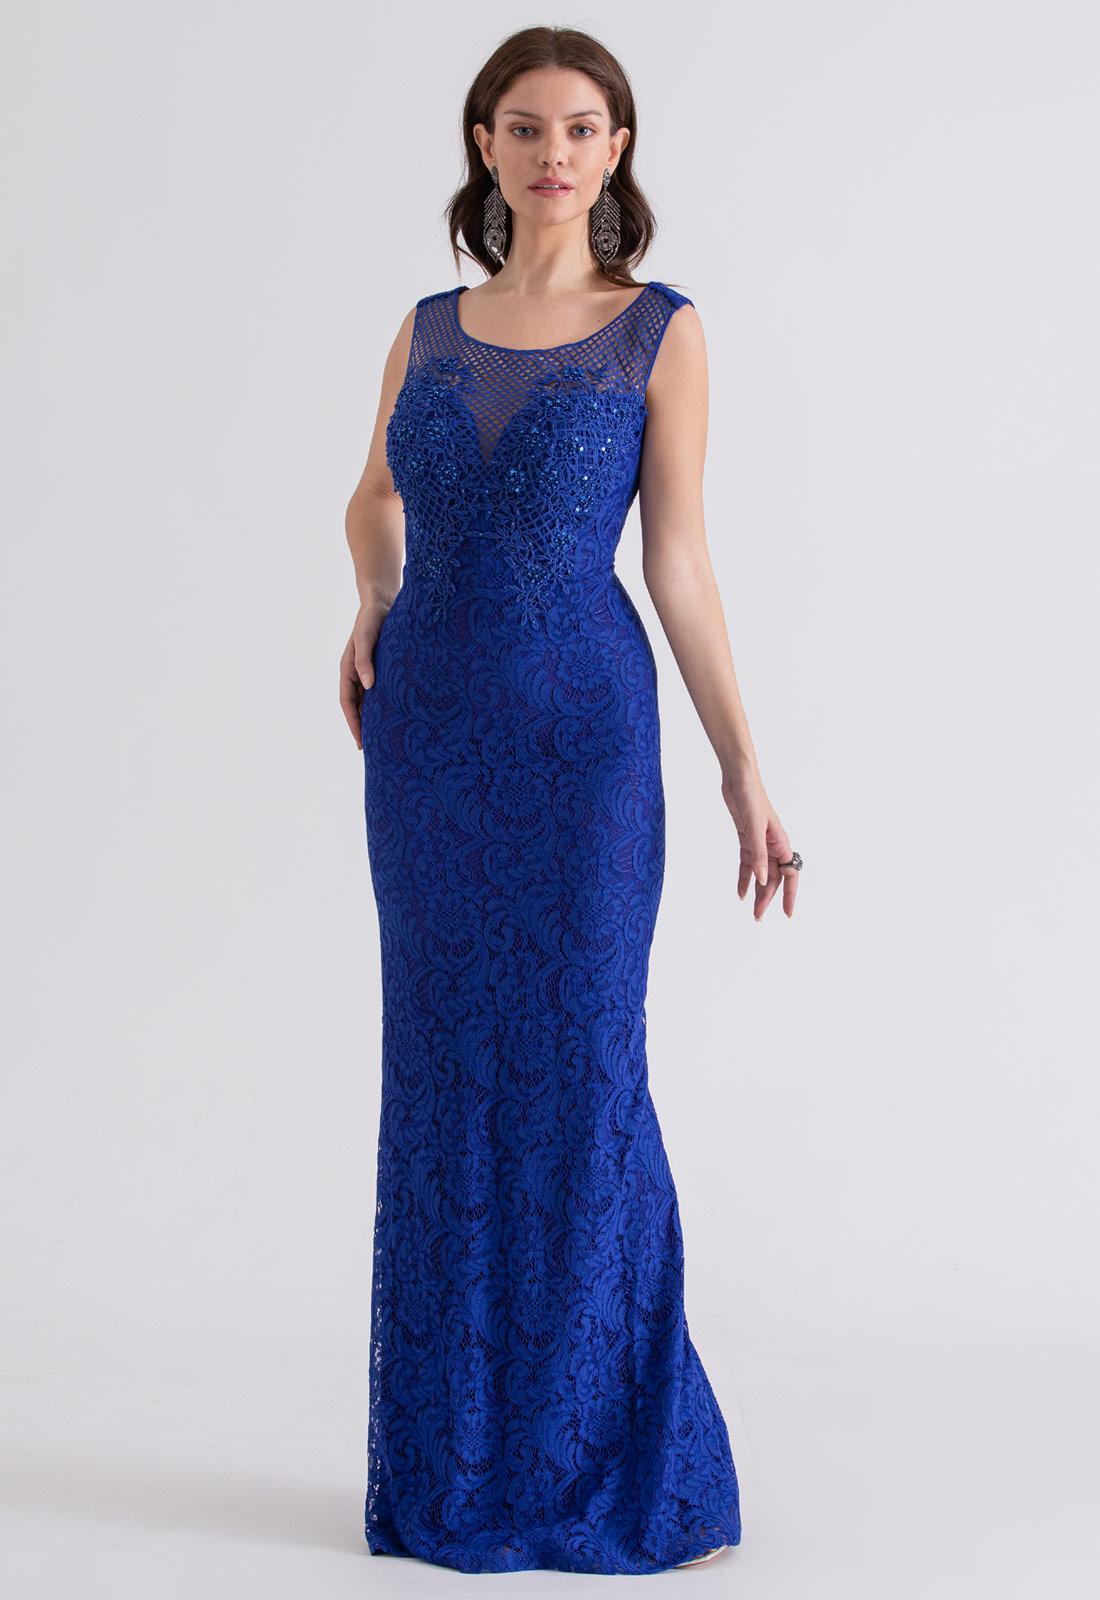 Vestido de festa em Renda Bordado Azul royal - Ref. 2212